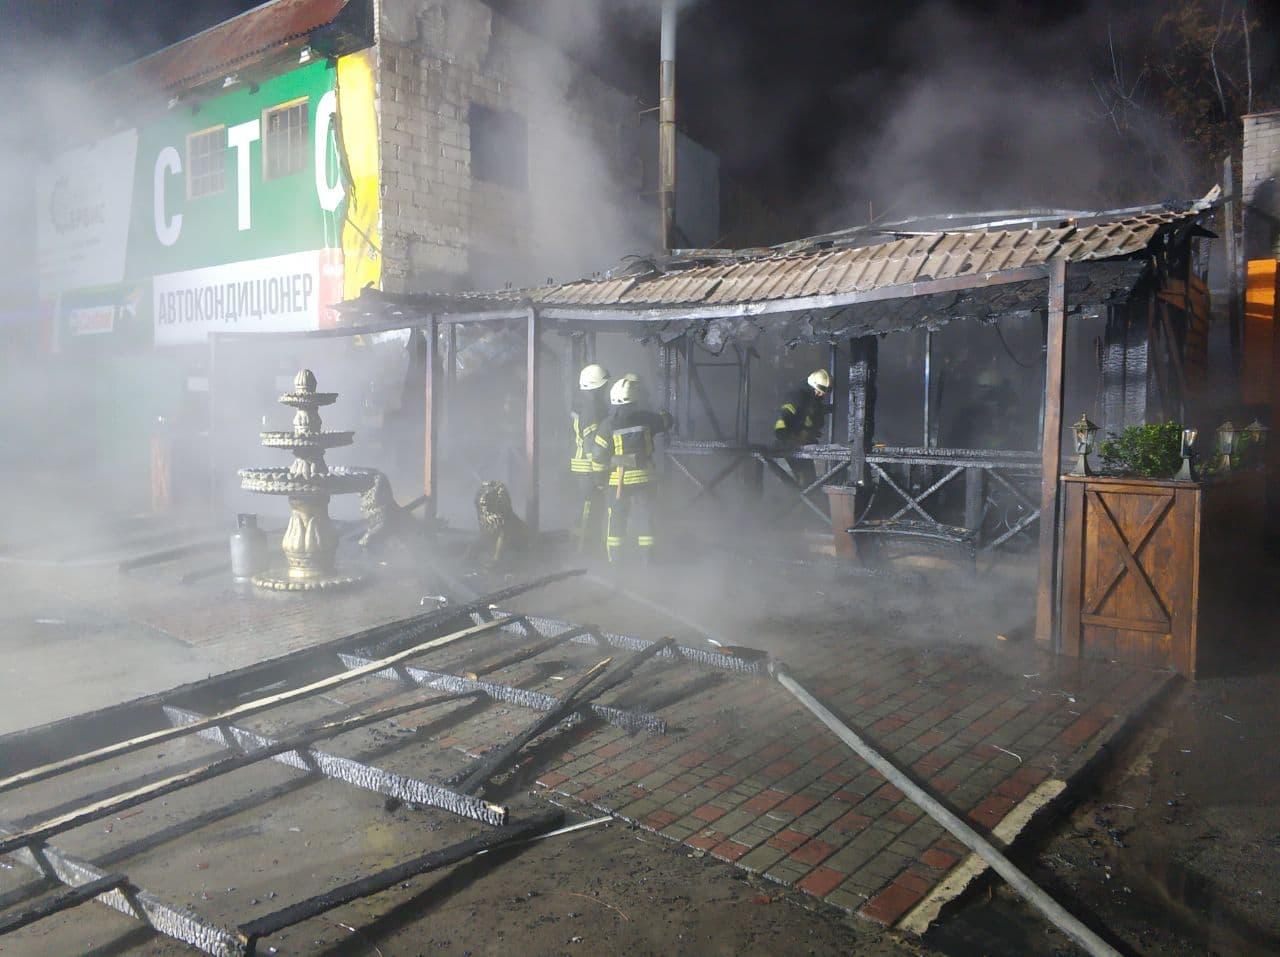 Пожежі та напади: небезпечний Київ минулої доби - напад, крадіжки, загоряння - 137087758 3623842611028988 7482186700671774198 o